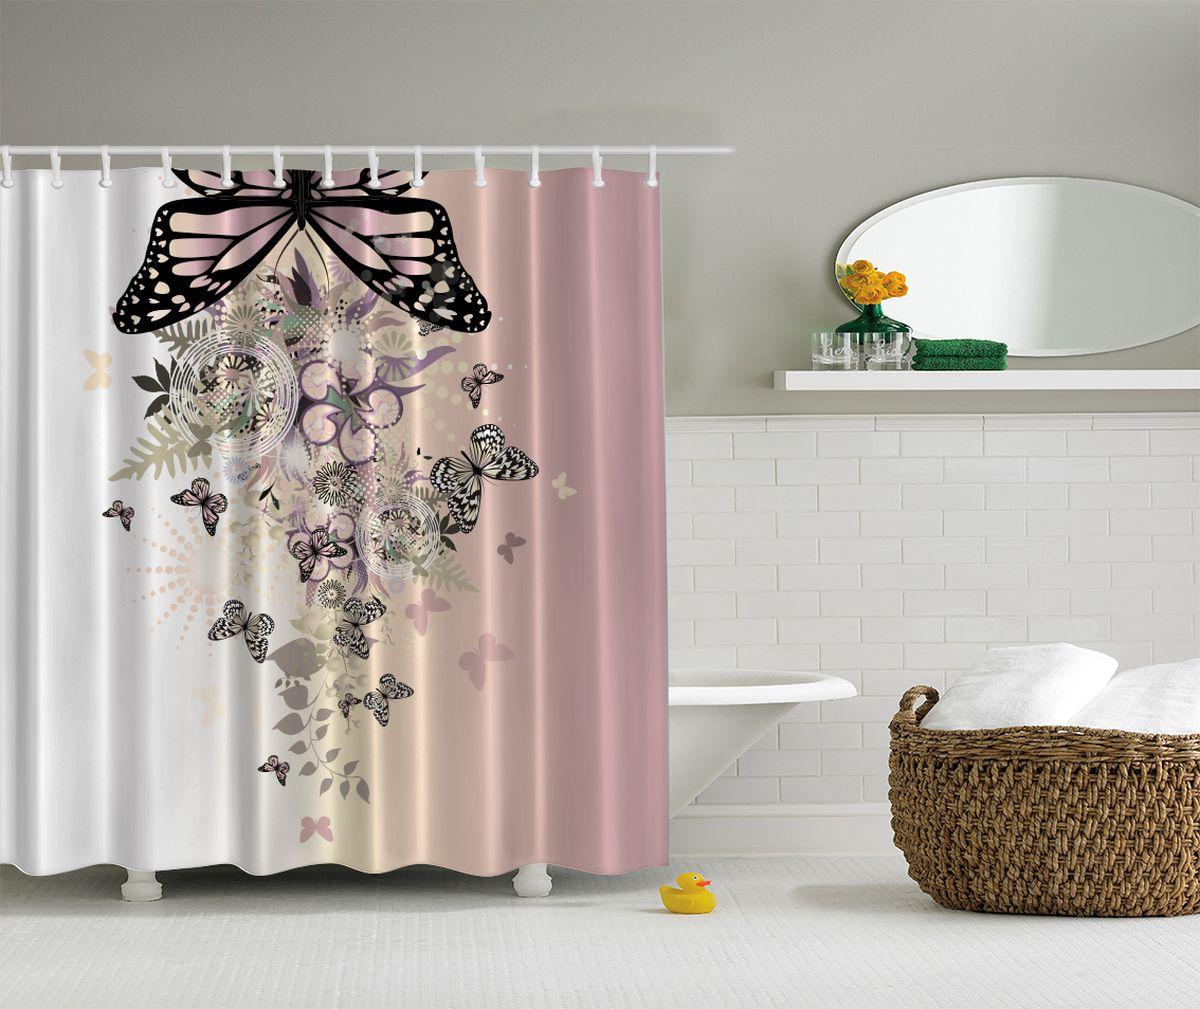 Штора для ванной комнаты Magic Lady Стая бабочек, 180 х 200 см фотоштора для ванной утка принимает душ magic lady 180 х 200 см